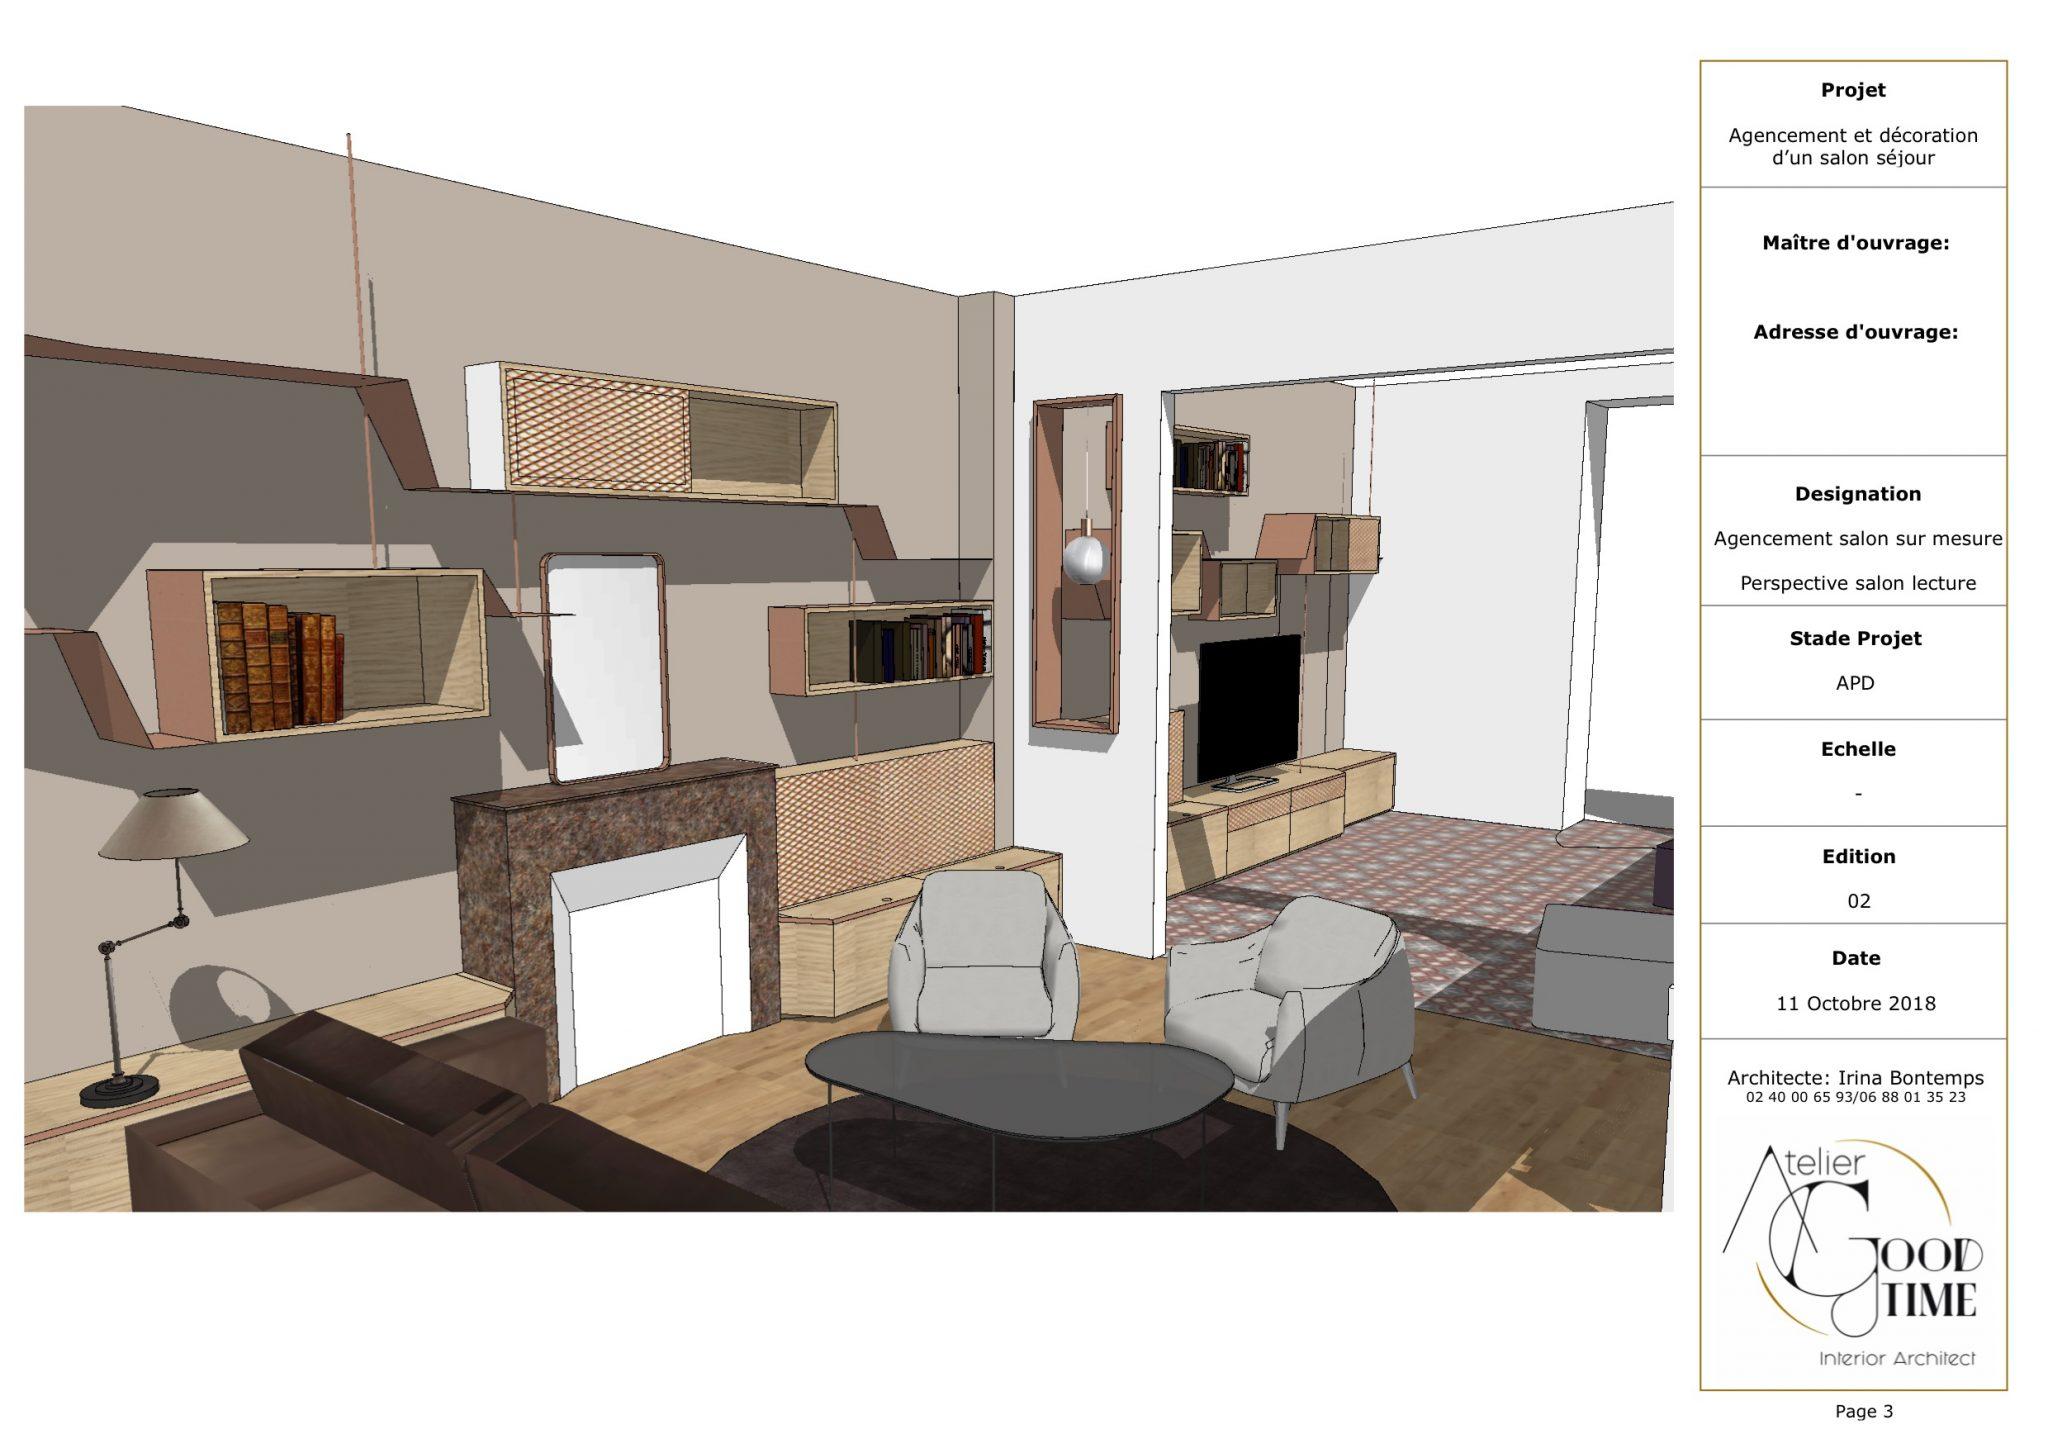 Plan Amenagement Salon Sejour projet agencement double salon sejour - atelier goodtime